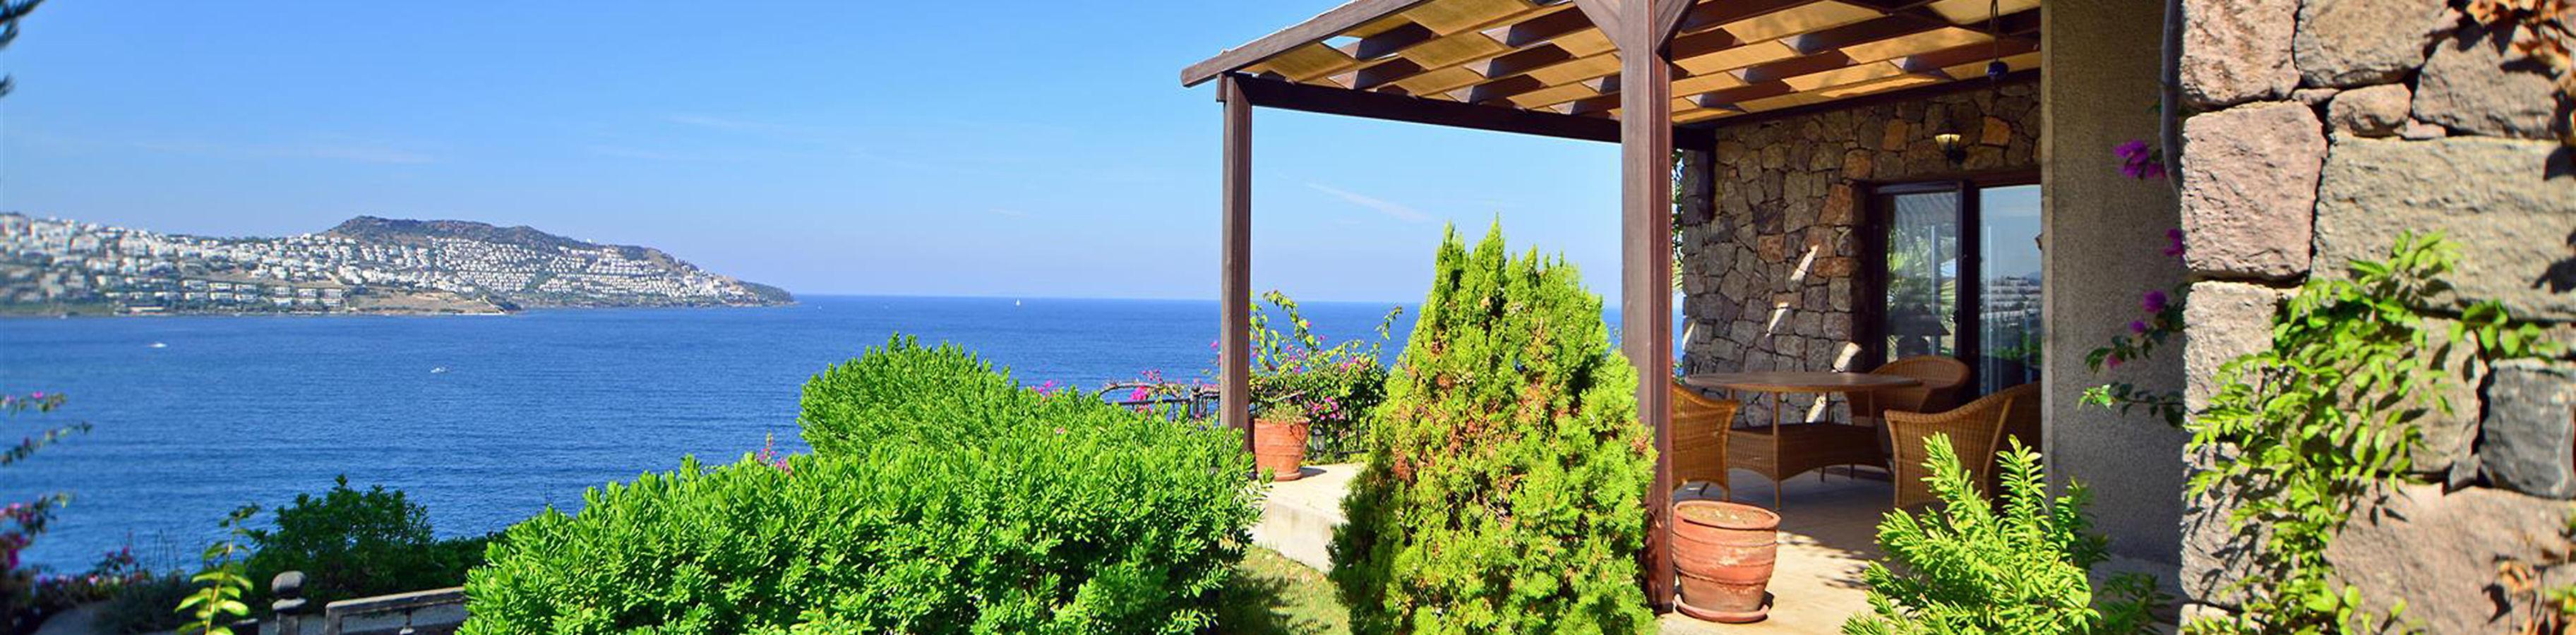 Bodrum Yalıkavak'ta villa satılık özel plaj